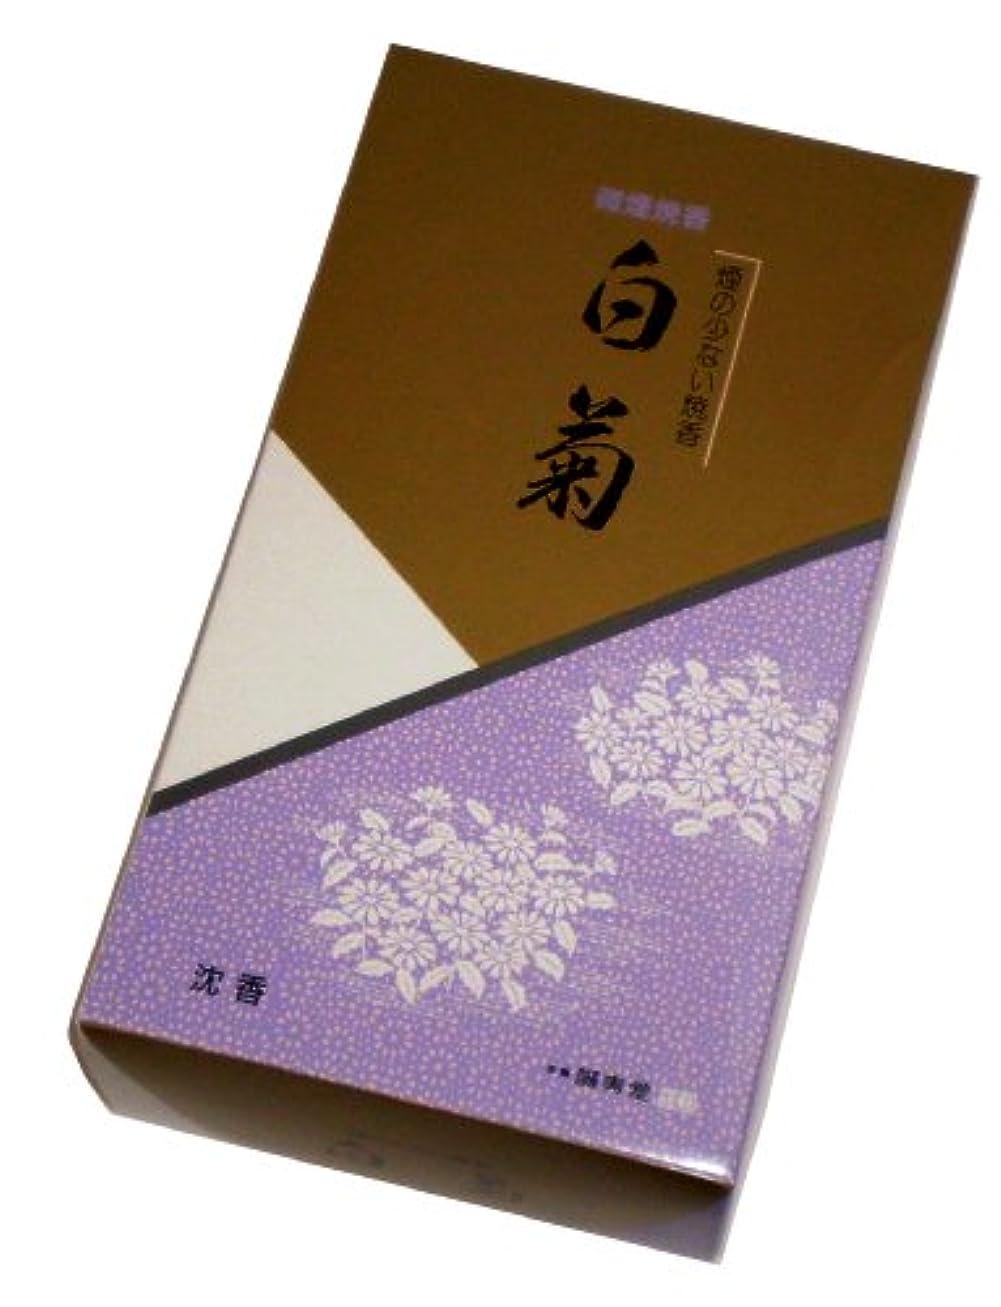 キッチン教会混合した誠寿堂のお線香 微煙焼香 白菊(沈香) 500g #J21